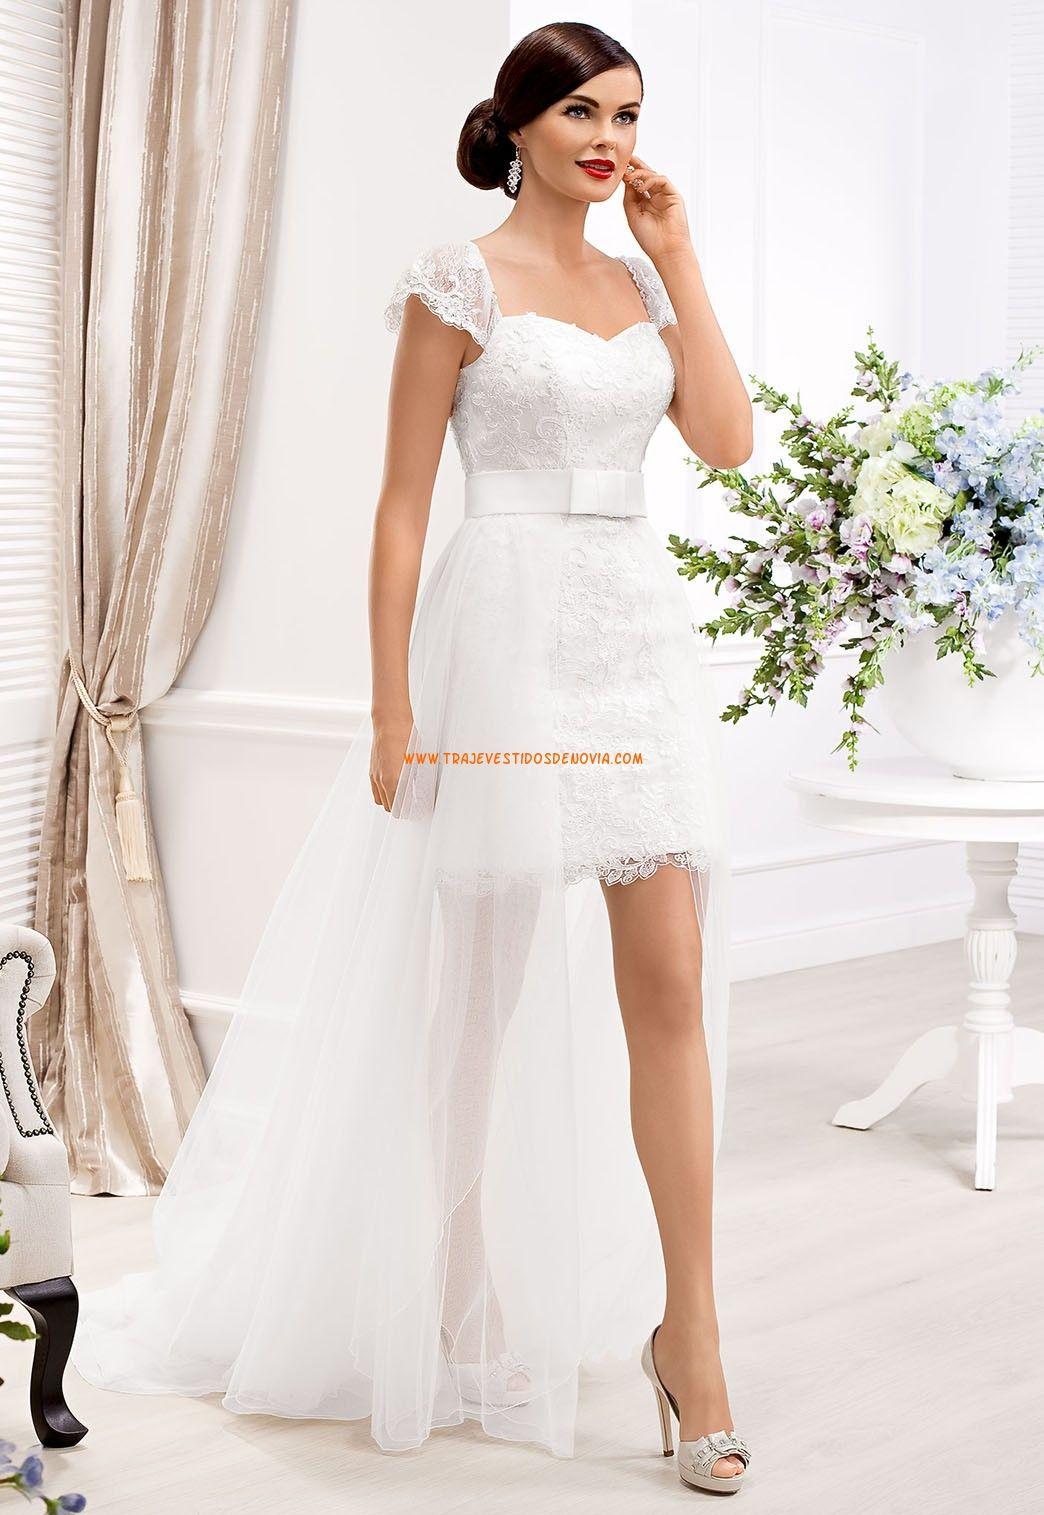 e22f4a322 Vestidos de novia de tul con cola desmontables de encaje